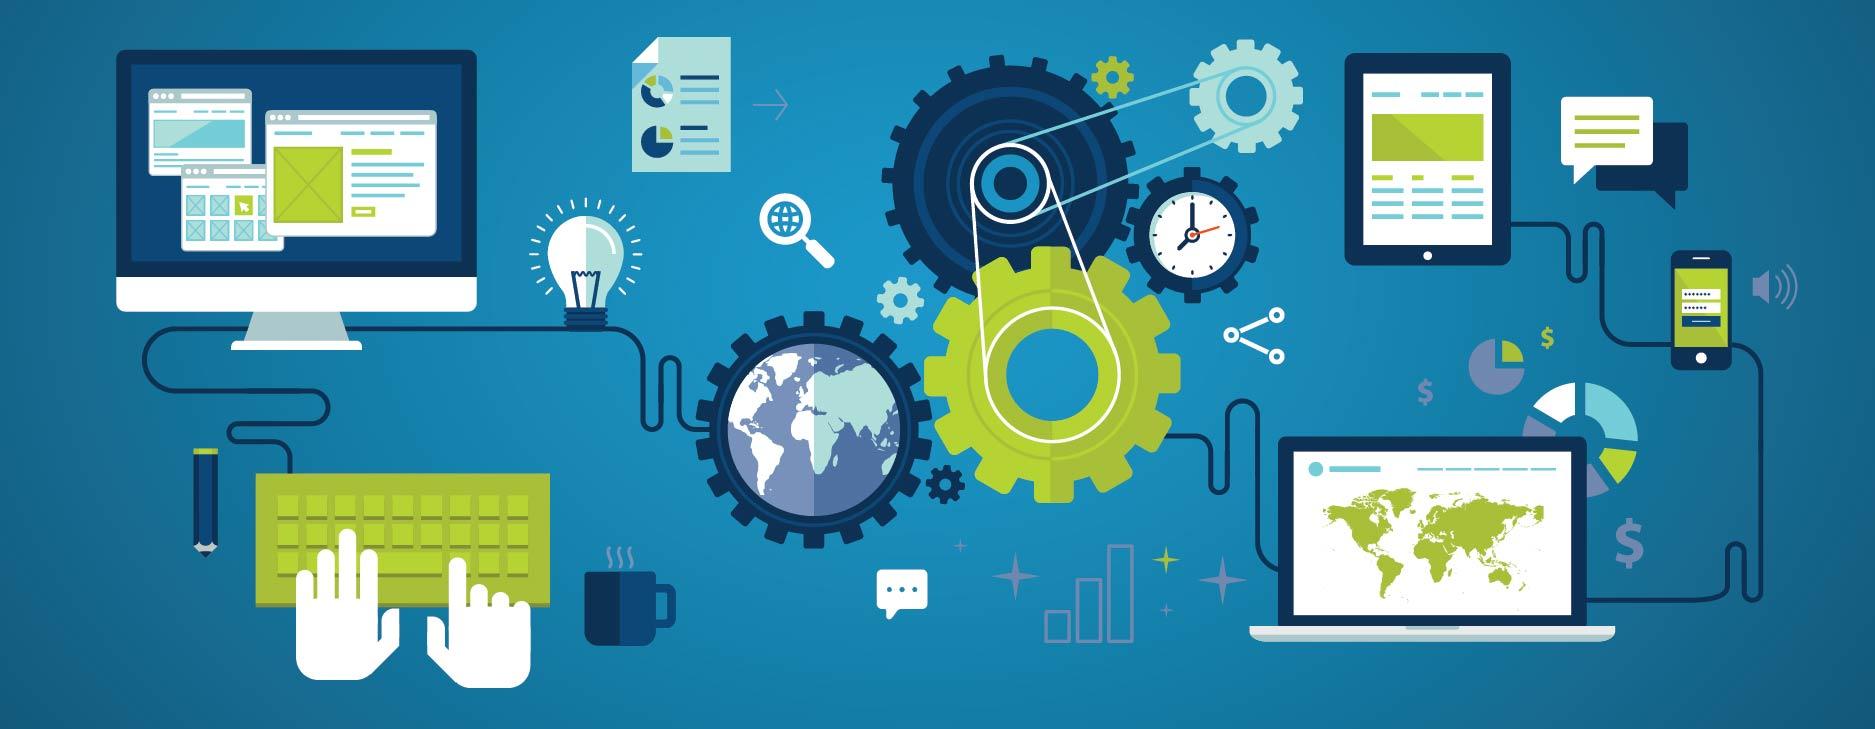 De weg naar digitaal marketing succes